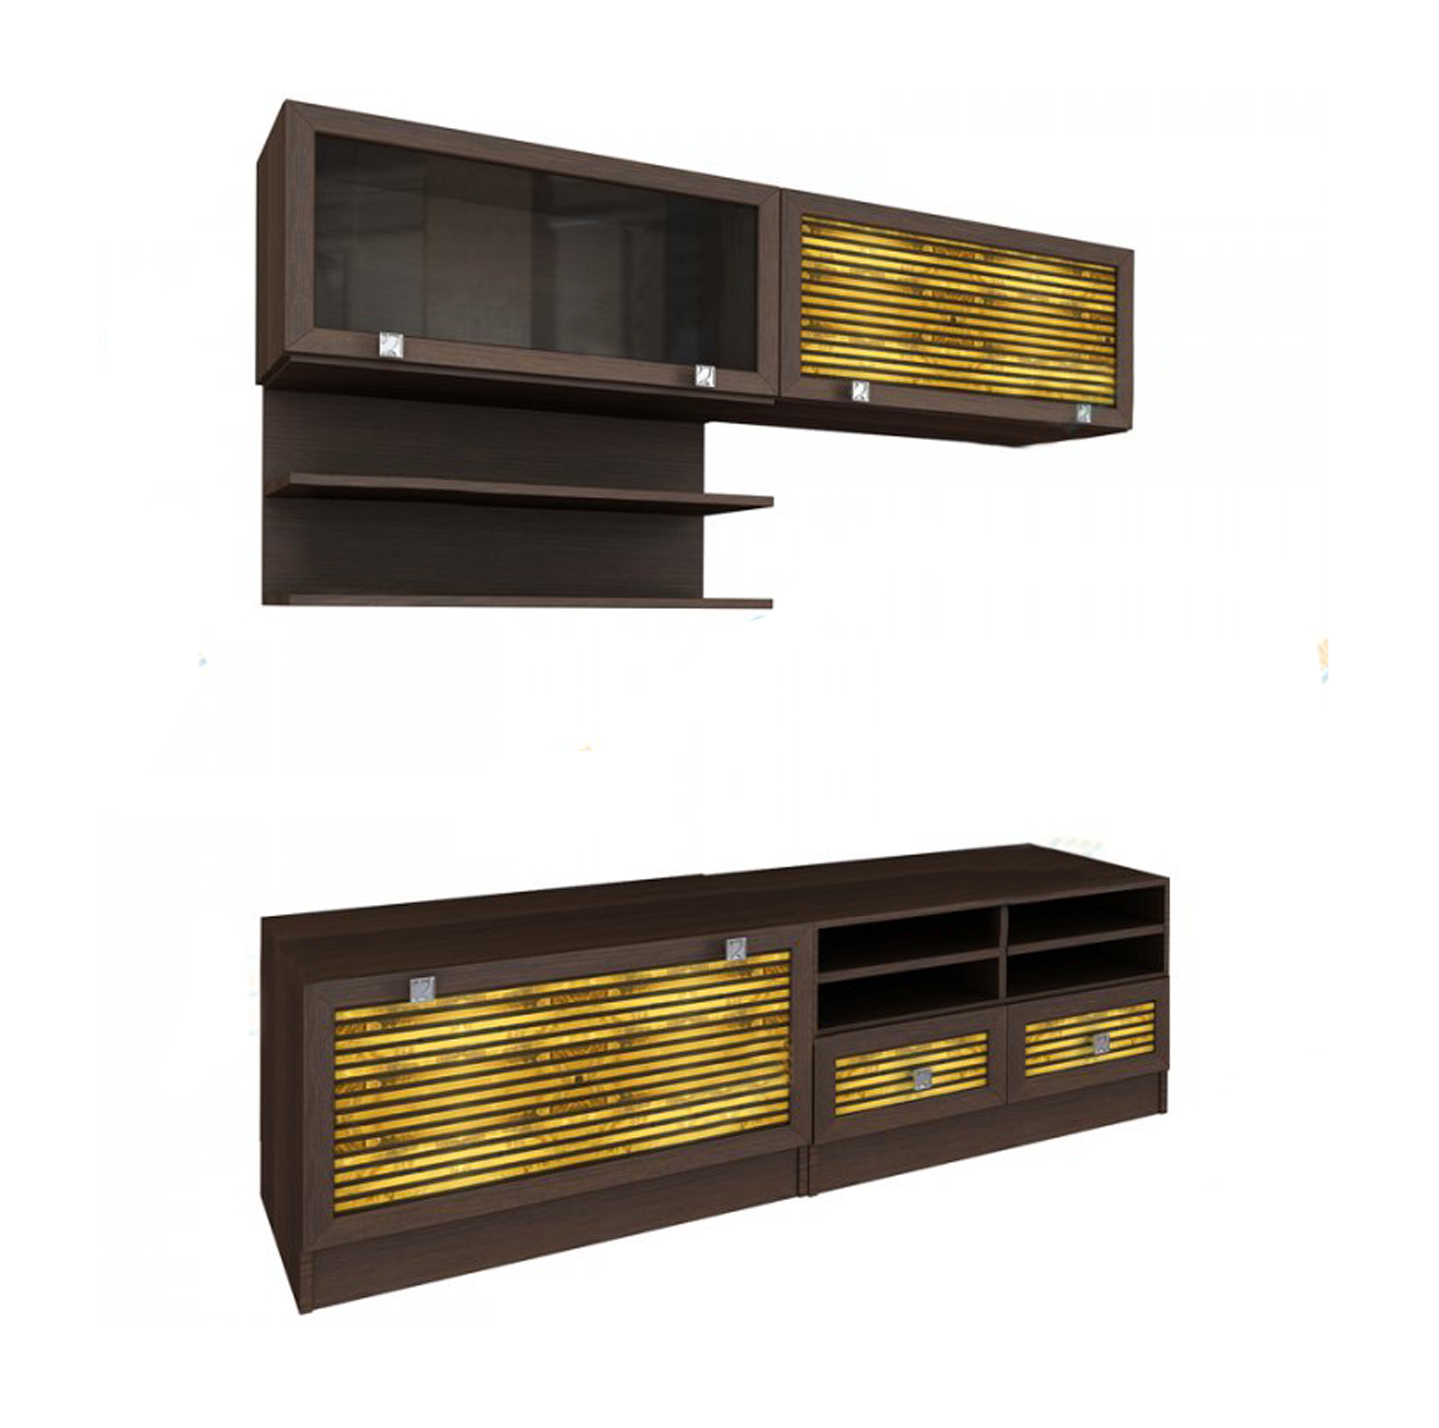 Модульная гостиная Бали-6Стенки<br>Размер: 1800х2080х330/450<br><br>Материалы: ЛДСП, рамка МДФ, вставки из бамбука, стекло<br>Полный размер (ДхВхГ): 1800х2080х330/450<br>Примечание: Доставляется в разобранном виде<br>Важно: Возможно приобрести по предметно, стоимость и габарит уточняйте у менеджера<br>Изготовление и доставка: 8-15 дней<br>Условия доставки: Бесплатная по Москве до подъезда<br>Условие оплаты: Оплата наличными при получении товара<br>Доставка по МО (за пределами МКАД): 30 руб./км<br>Подъем на грузовом лифте: 700 руб.<br>Подъем без лифта: 400 руб./этаж, если только на первый этаж / занос в дом - 500 руб.<br>Сборка: 10% от стоимости изделия<br>Гарантия: 18 месяцев<br>Производство: Россия<br>Производитель: Вереск